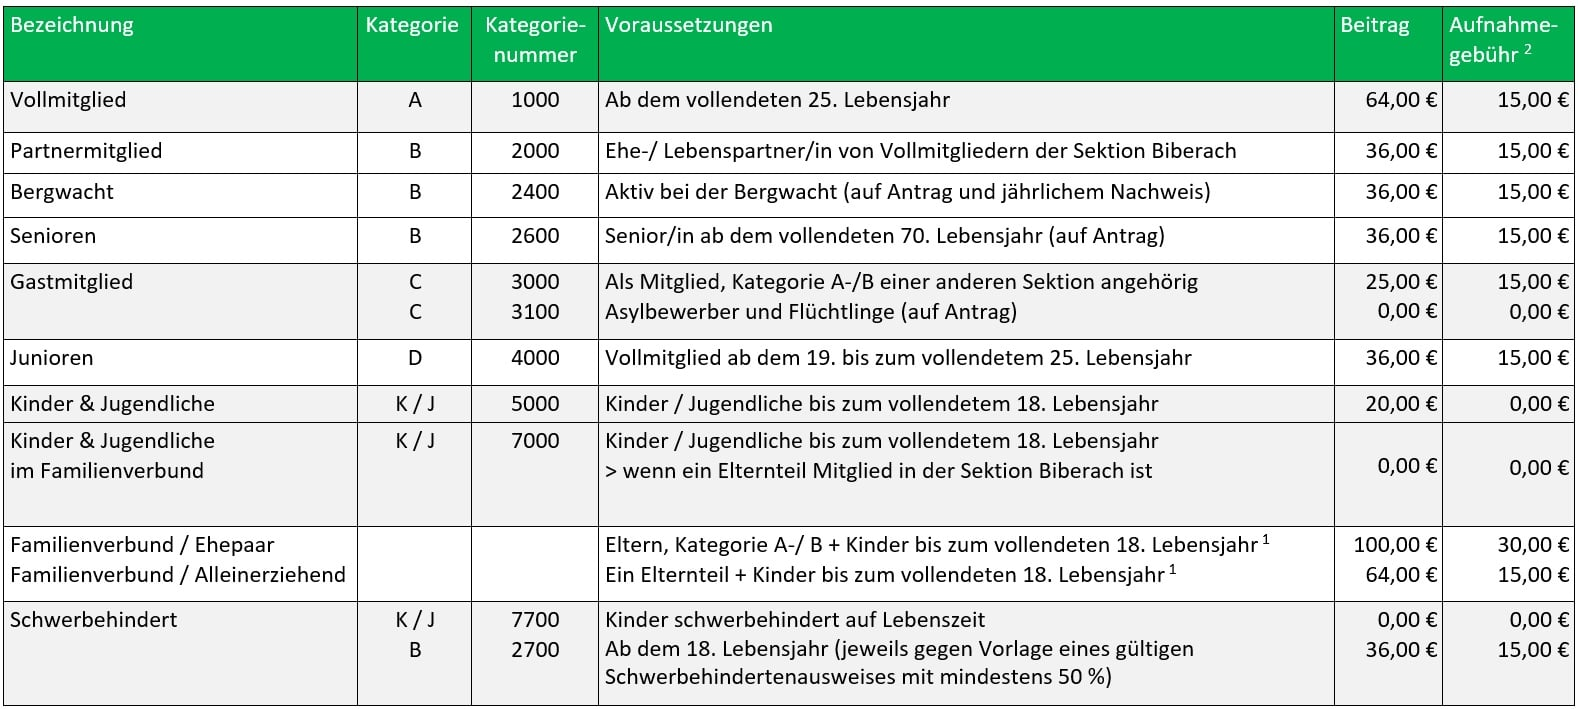 Mitgliedsbeiträge ab dem 01.01.2021